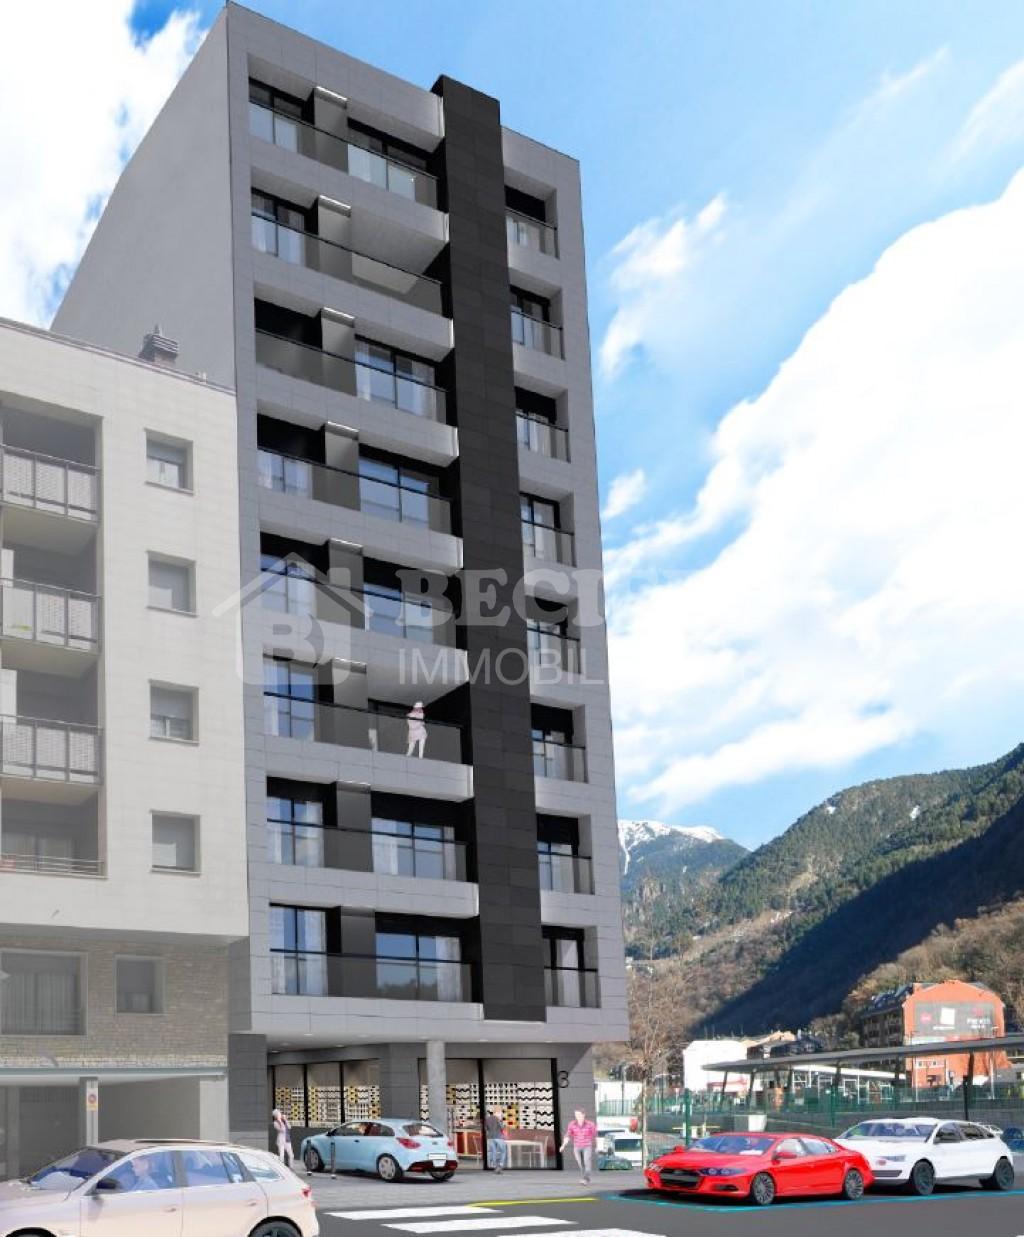 Pis en venda a Andorra la Vella, 3 habitacions, 117 metres